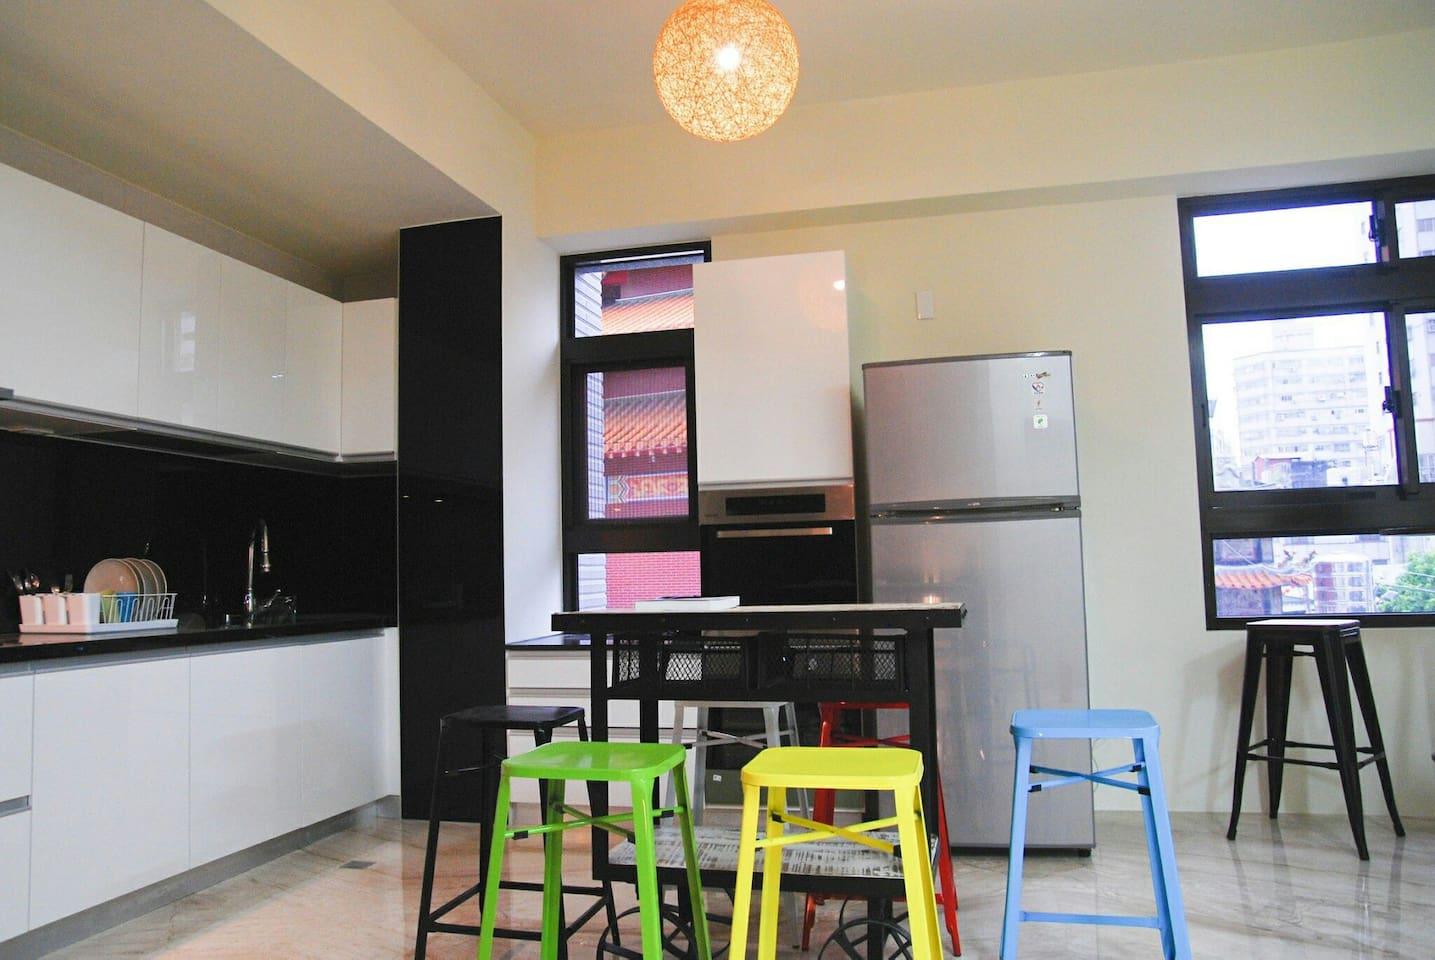 2樓 廚房 可提供簡單洗滌 跟共用冰箱